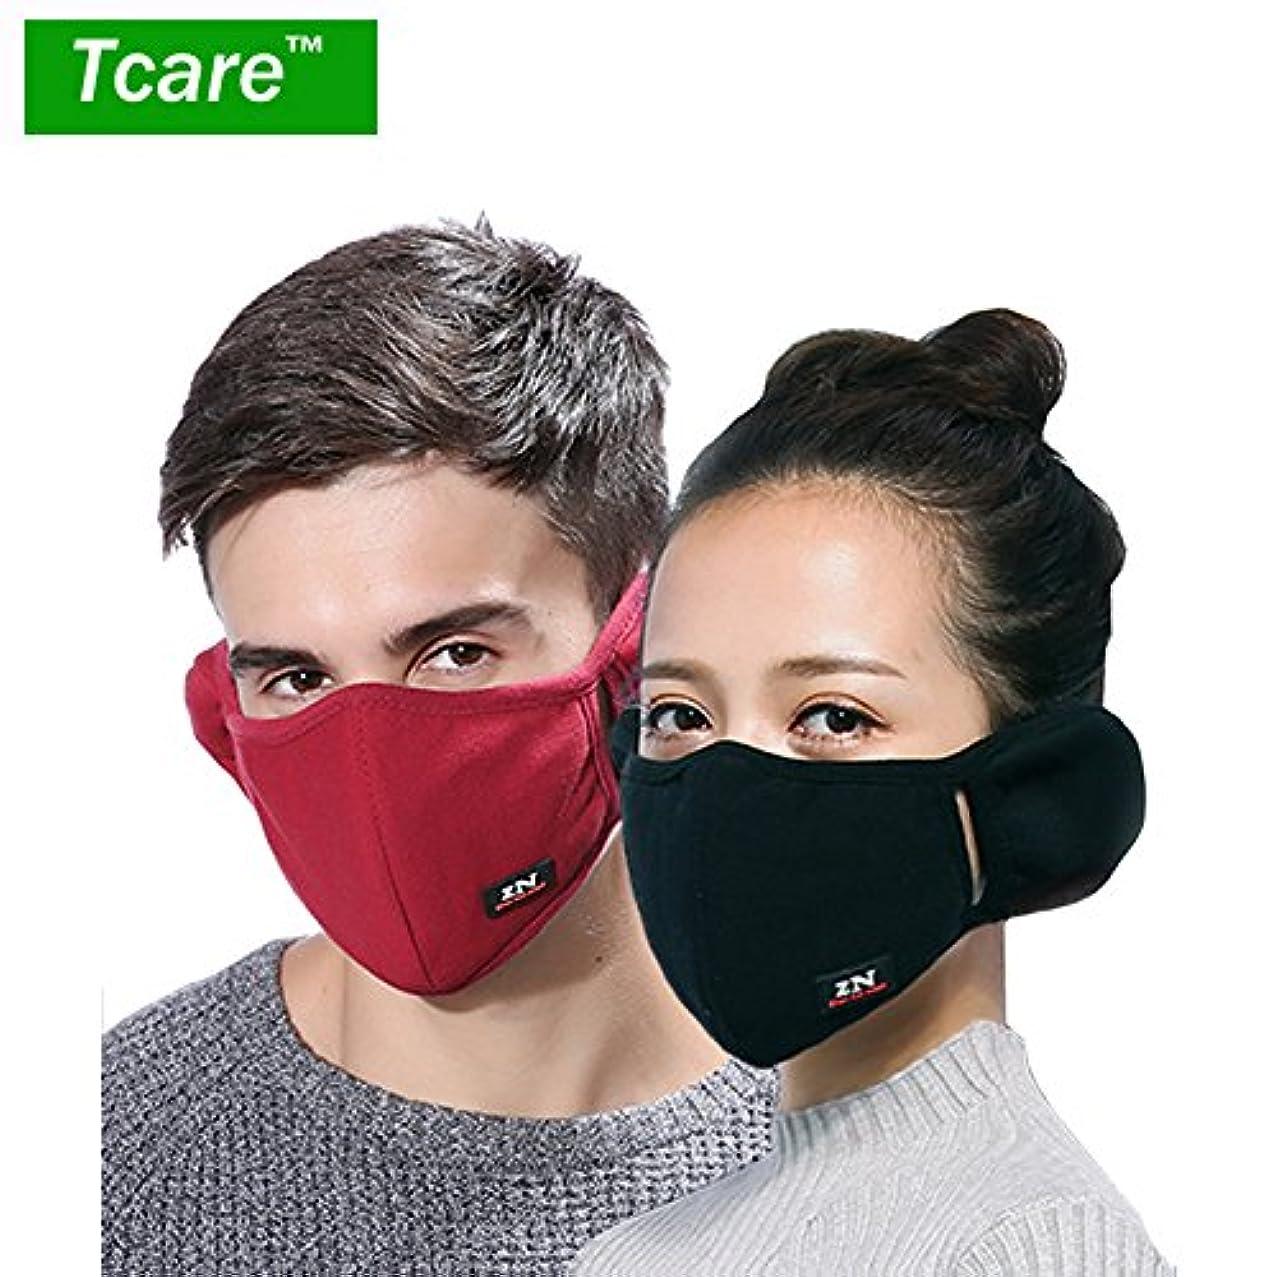 男性女性の少年少女のためのTcare呼吸器2レイヤピュアコットン保護フィルター挿入口:6ピンク